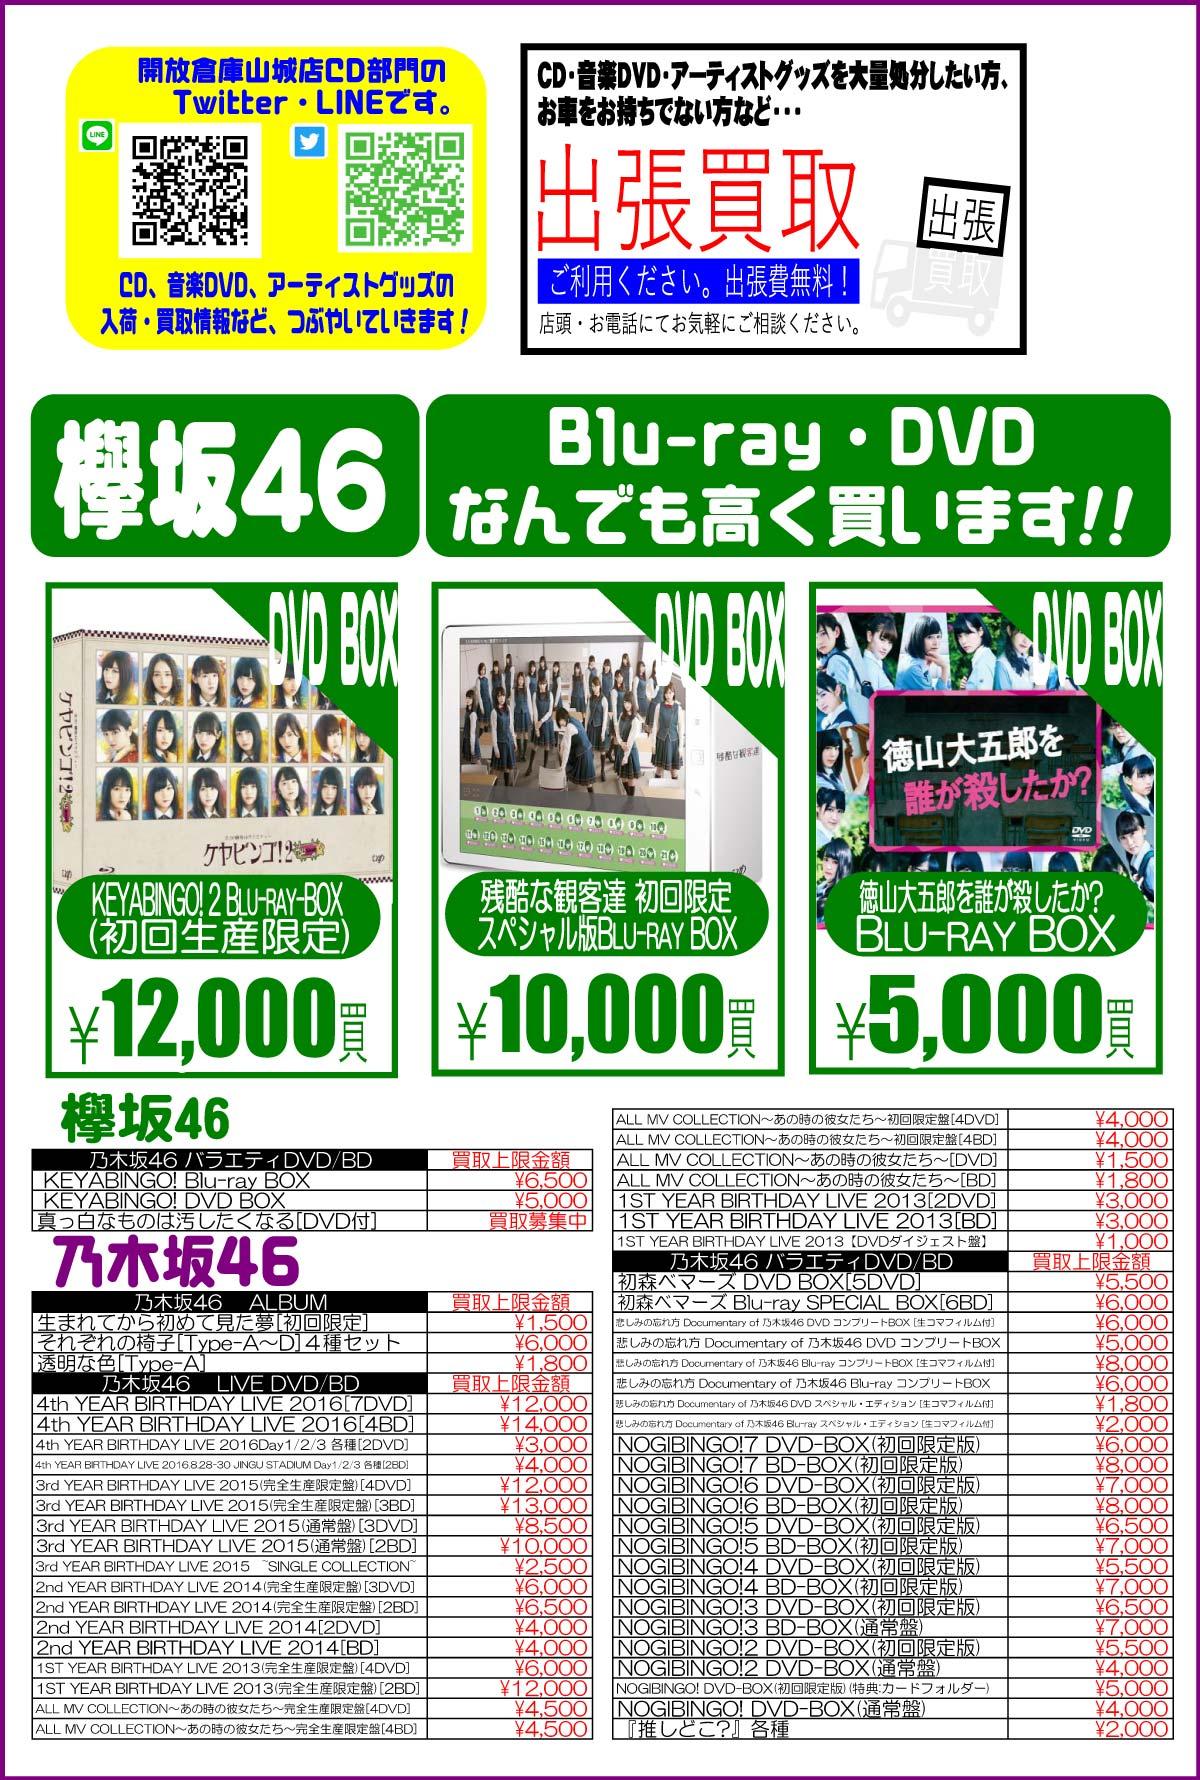 「開放倉庫山城店」CDコーナー<アイドルDVD・BD・CD・GOODS高価買取リスト>欅坂46・Blu-ray・DVDなんでも高く買います!!